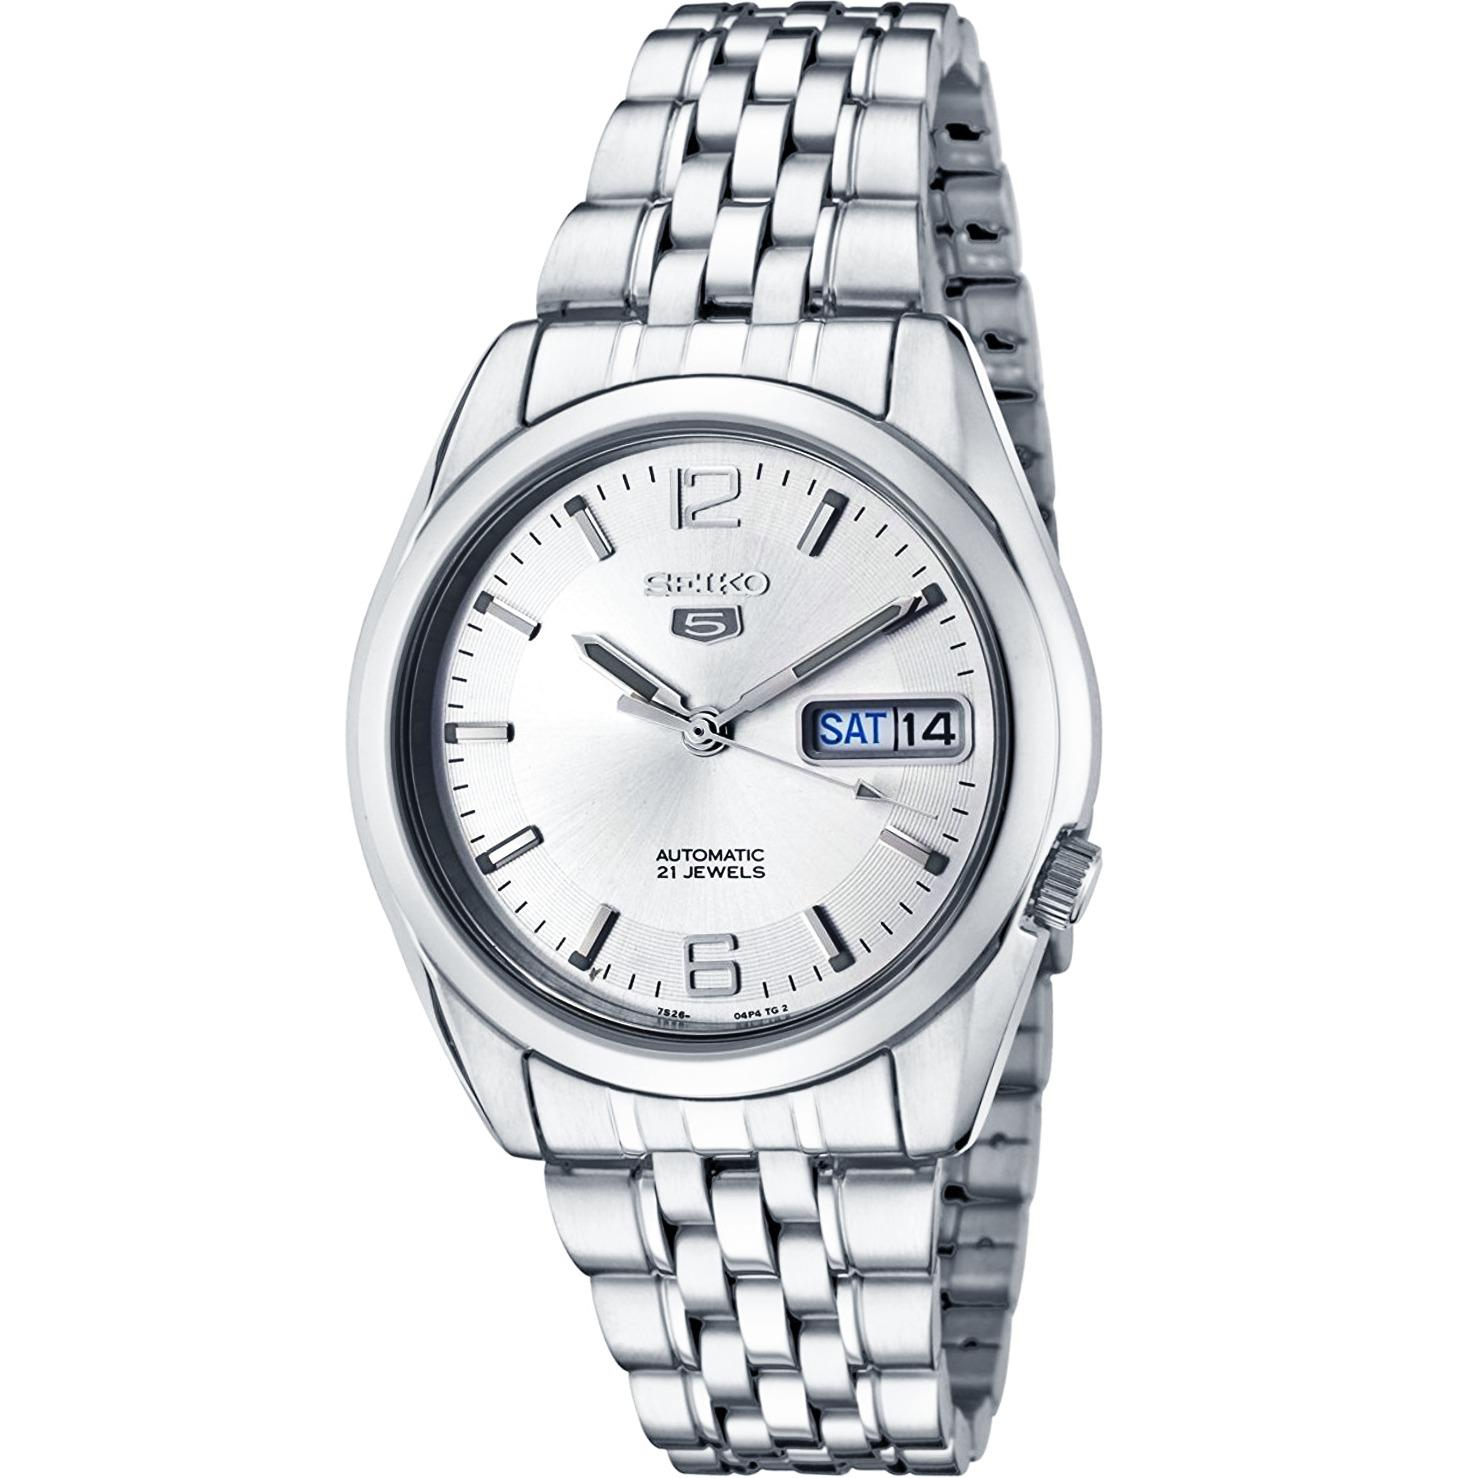 นาฬิกาผู้ชาย Seiko รุ่น SNK385K1, Seiko 5 Automatic Men's Watch